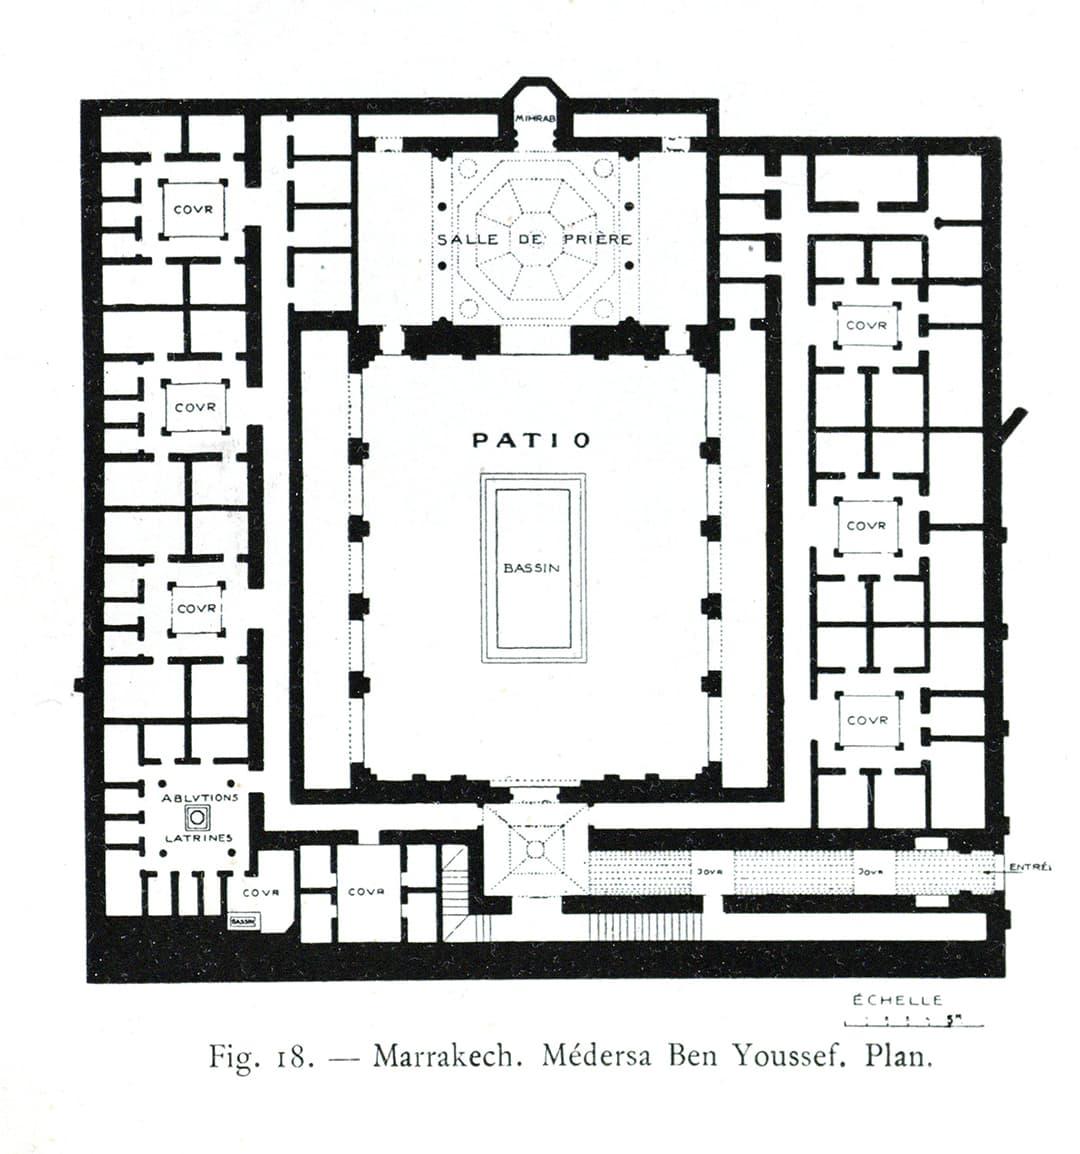 Типичная планировка медресе